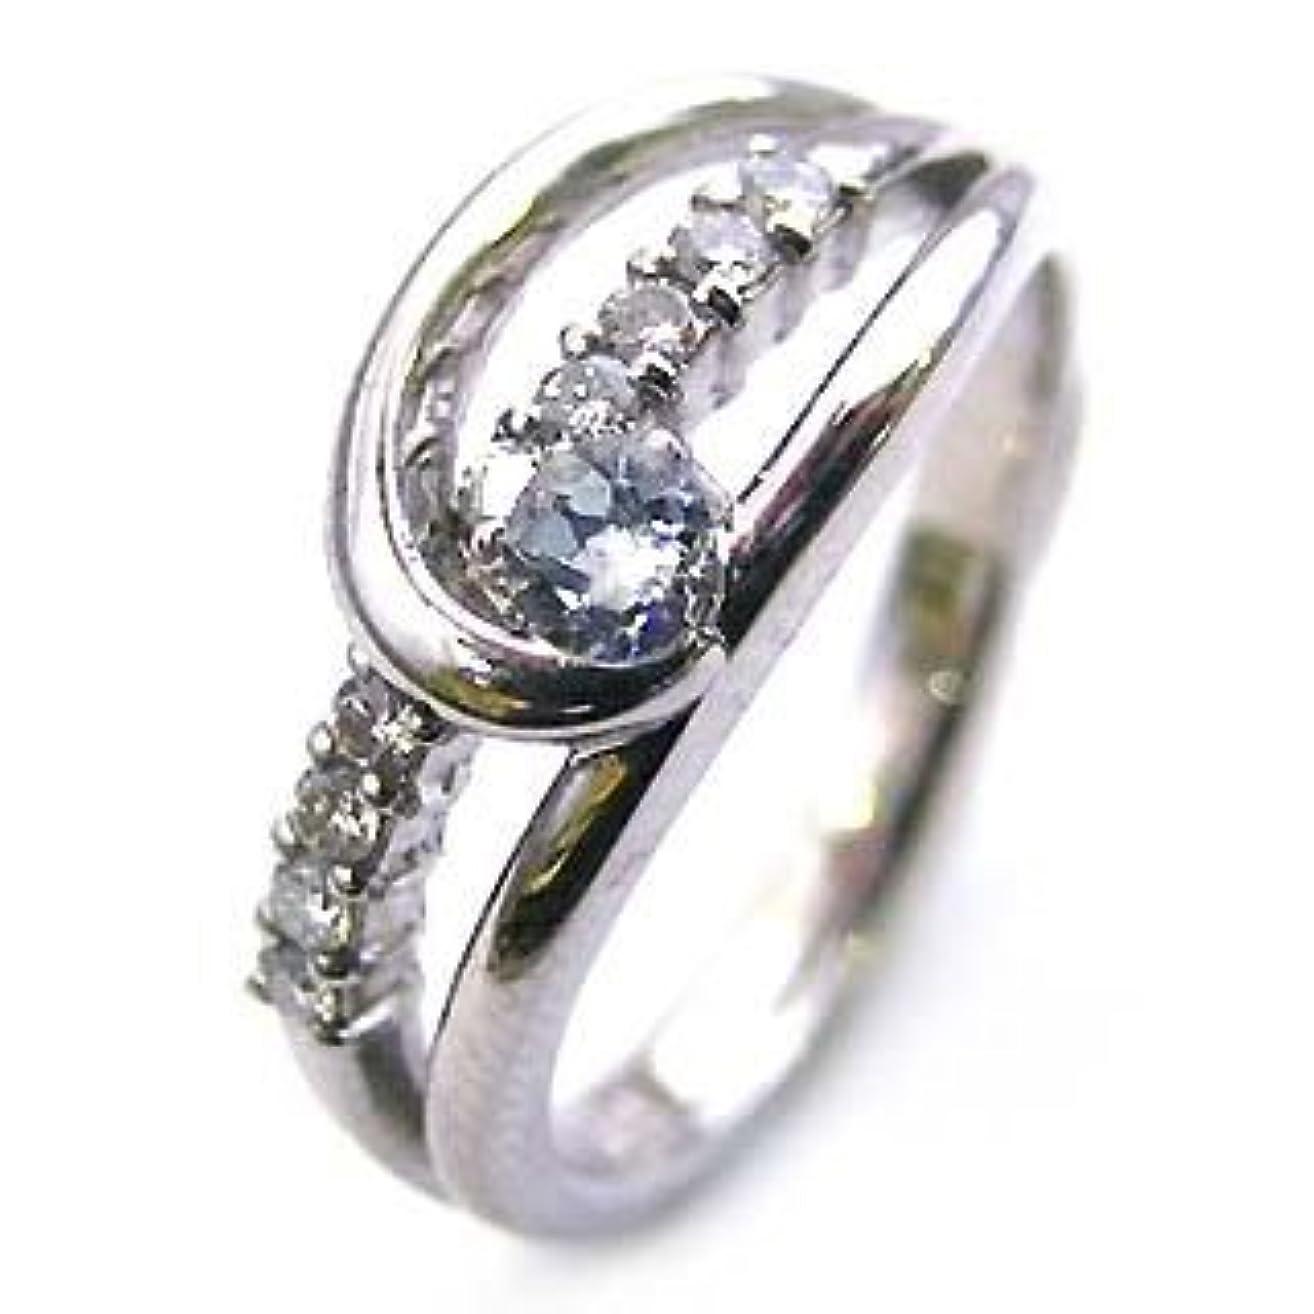 サイレン収縮教授10個のダイヤモンドで記念 プラチナ アクアマリン?ダイヤモンドリング #15